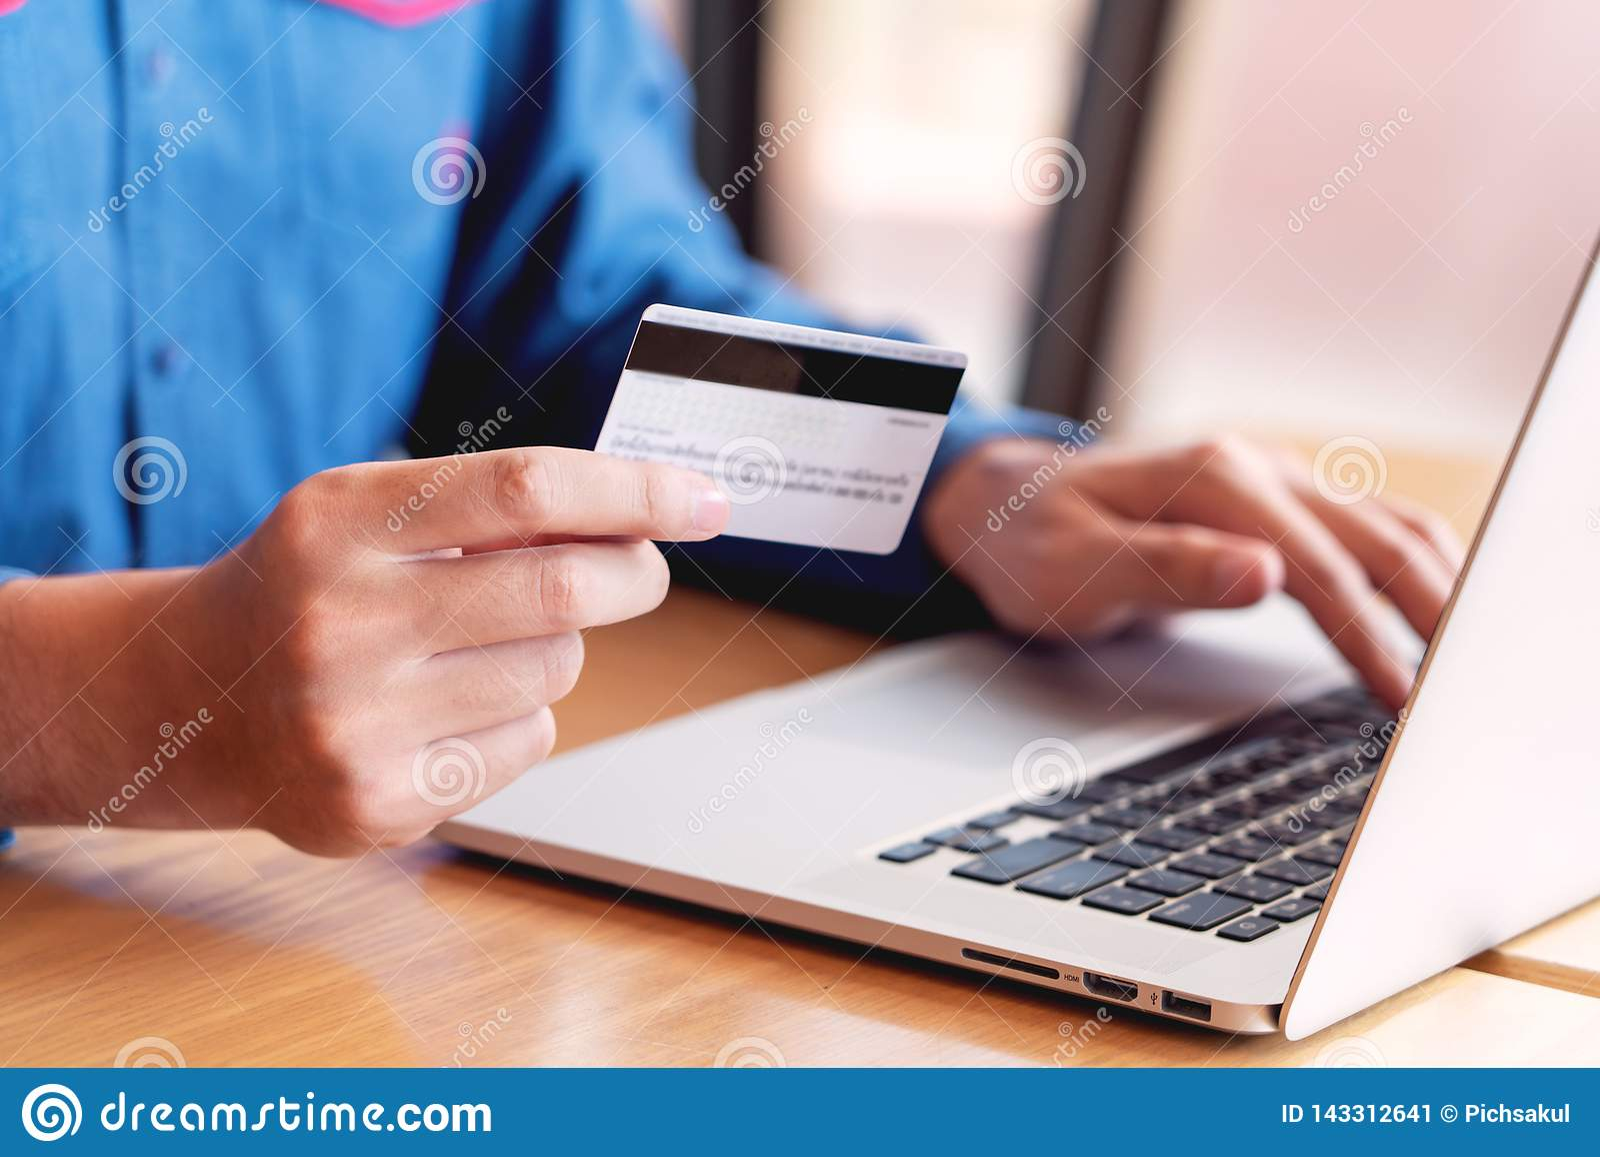 El concepto en línea de la seguridad de datos de la tarjeta de crédito que hace compras, da sostener la tarjeta de crédito y usar